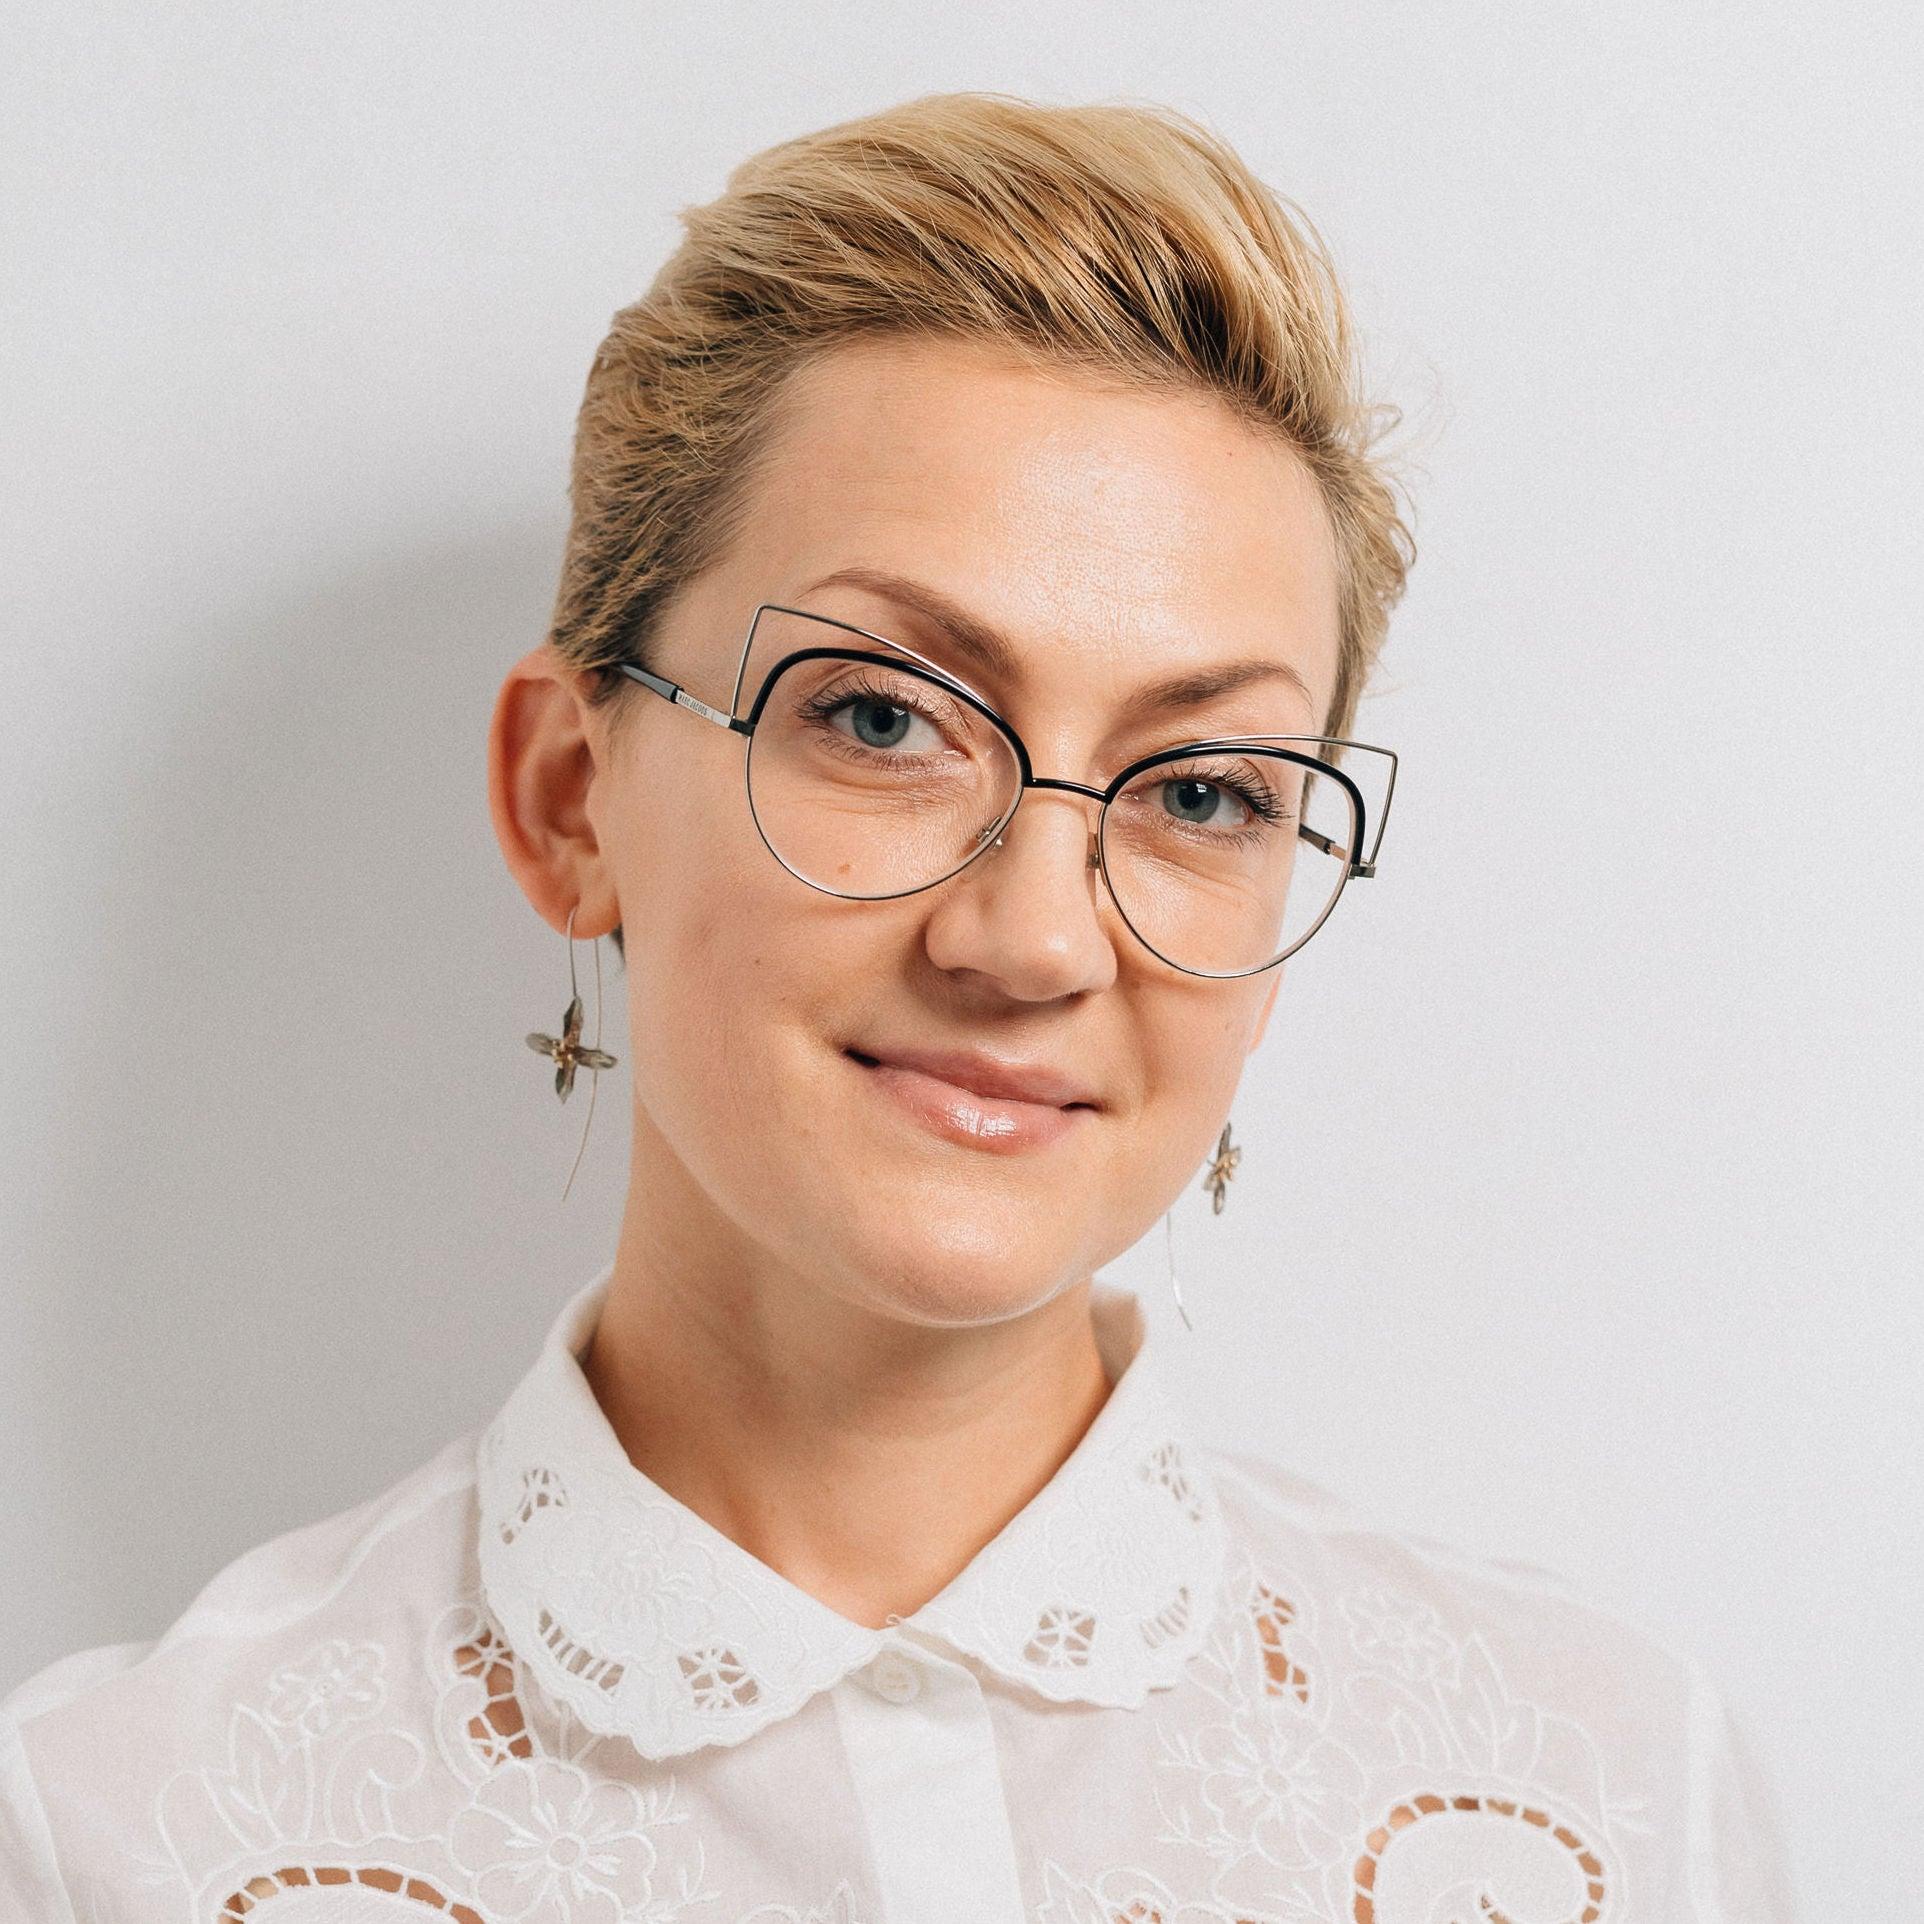 Людмила Зимбович